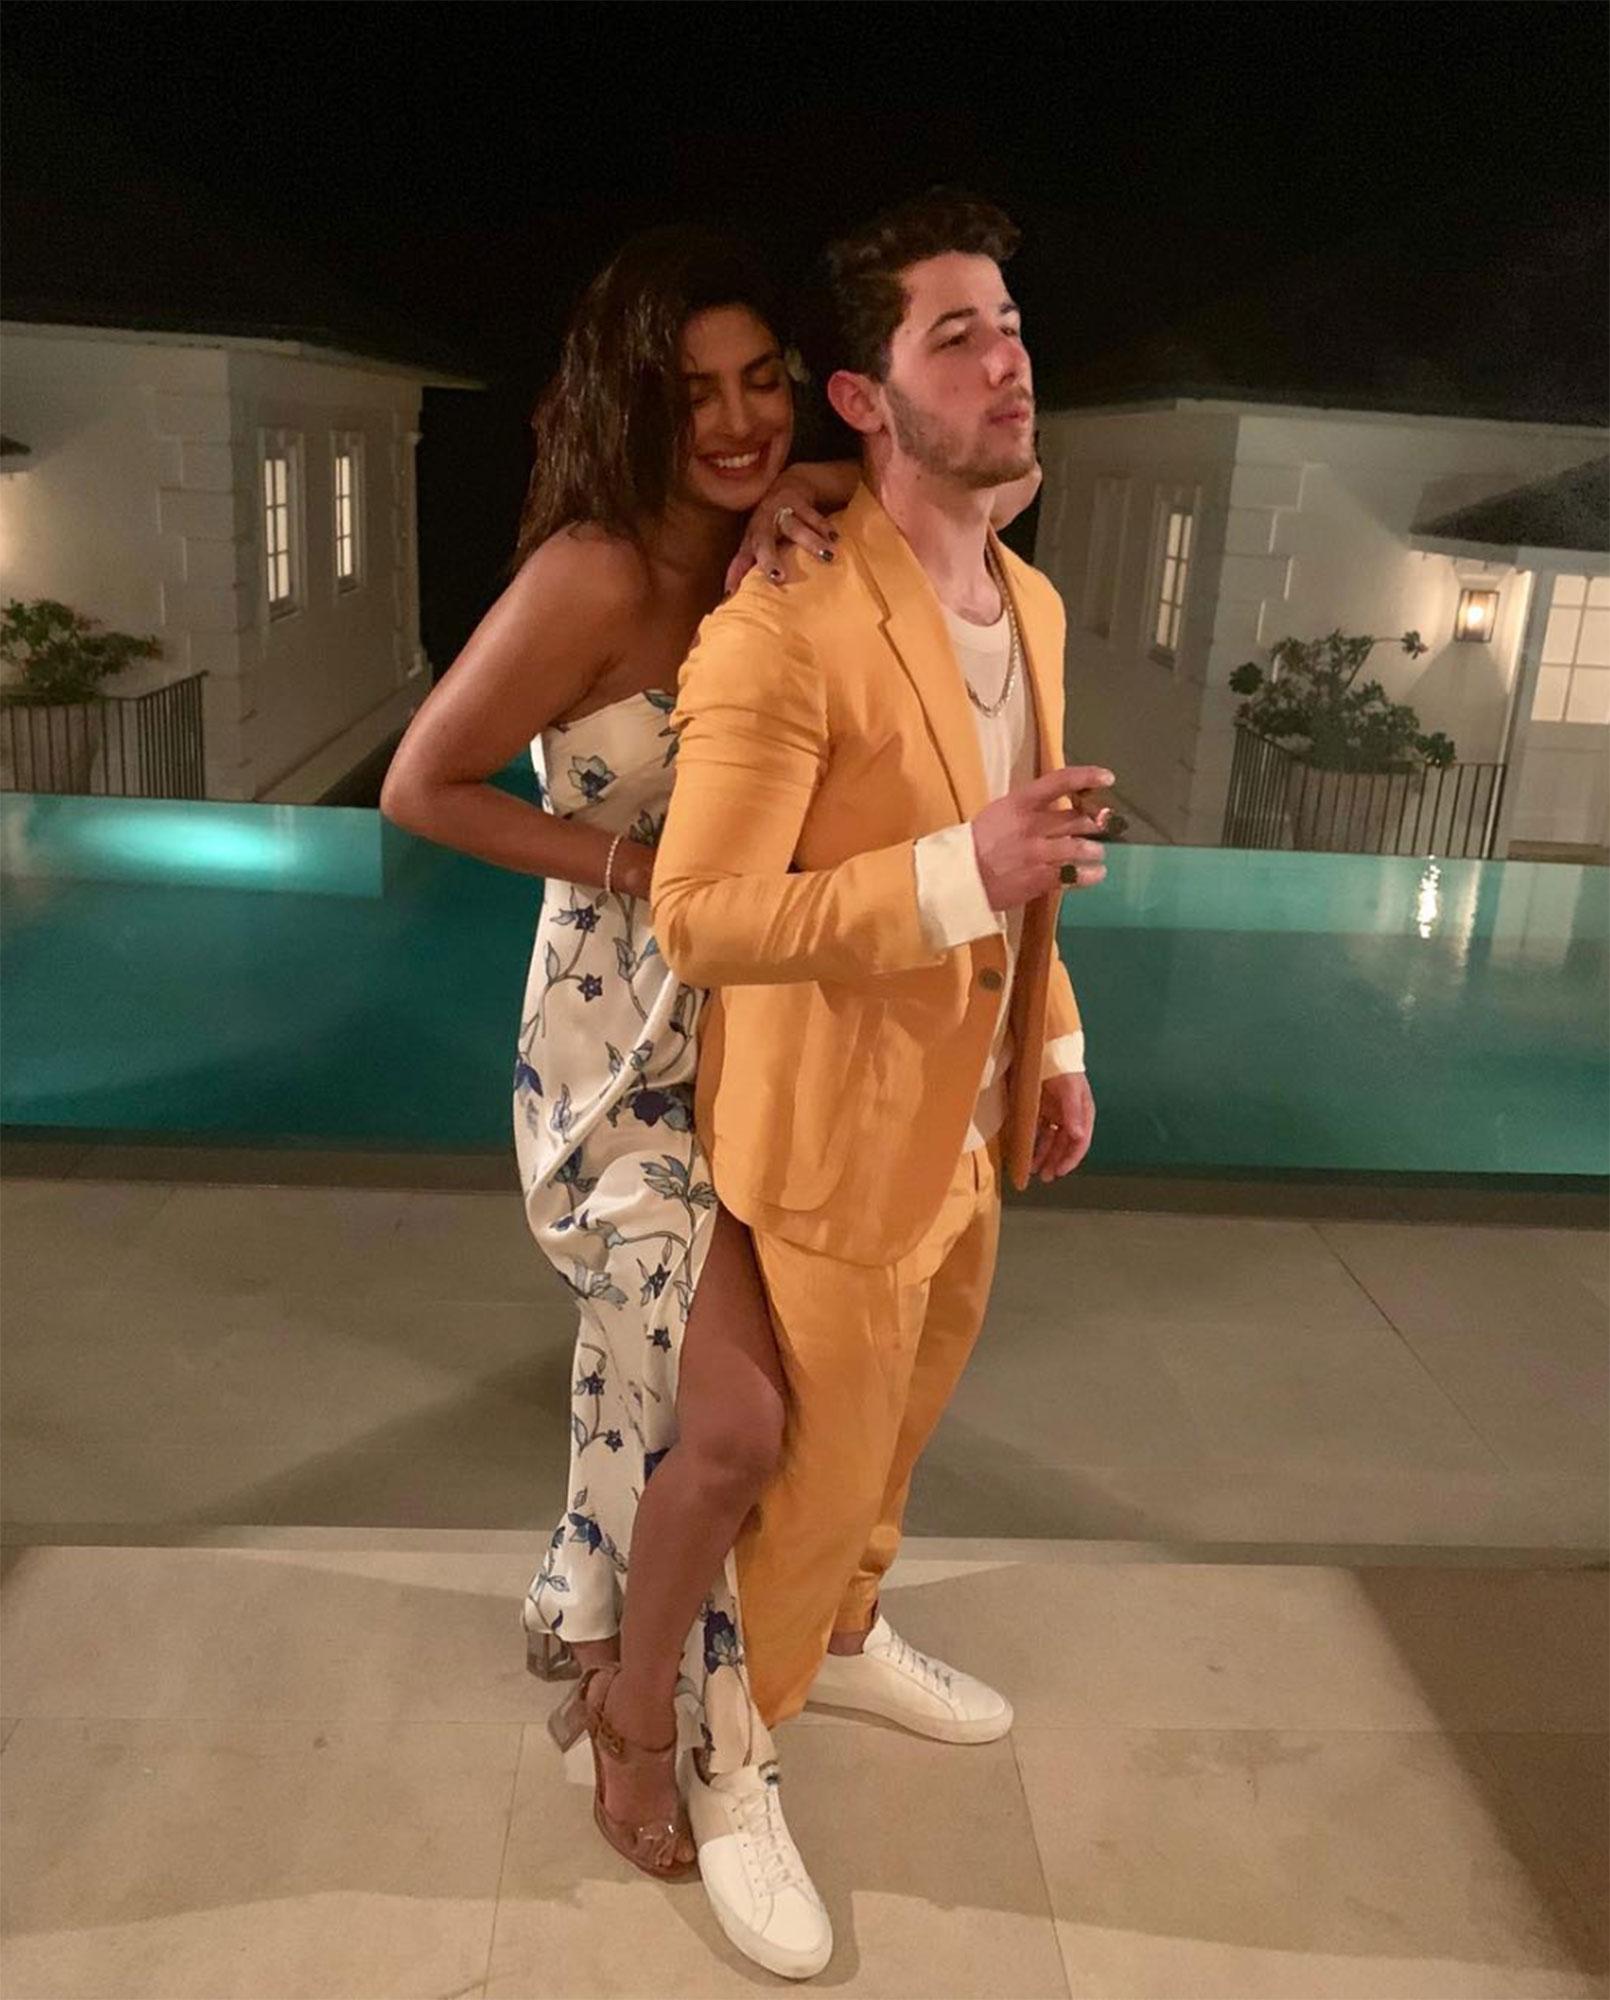 Nick Jonas and Priyanka Chopra's Honeymoon - Nick Jonas and Priyanka Chopra